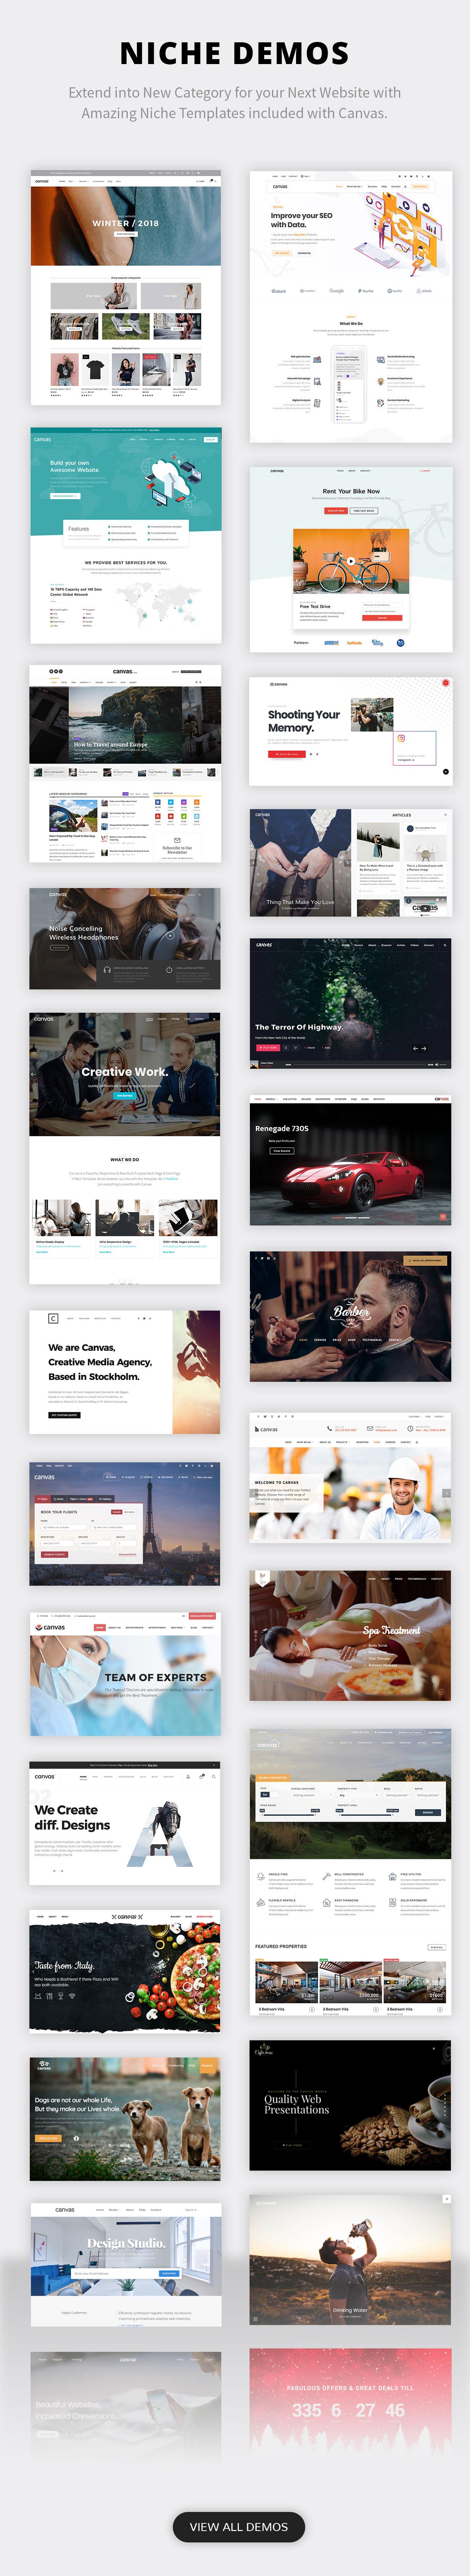 niche demos new - Canvas   The Multi-Purpose HTML5 Template